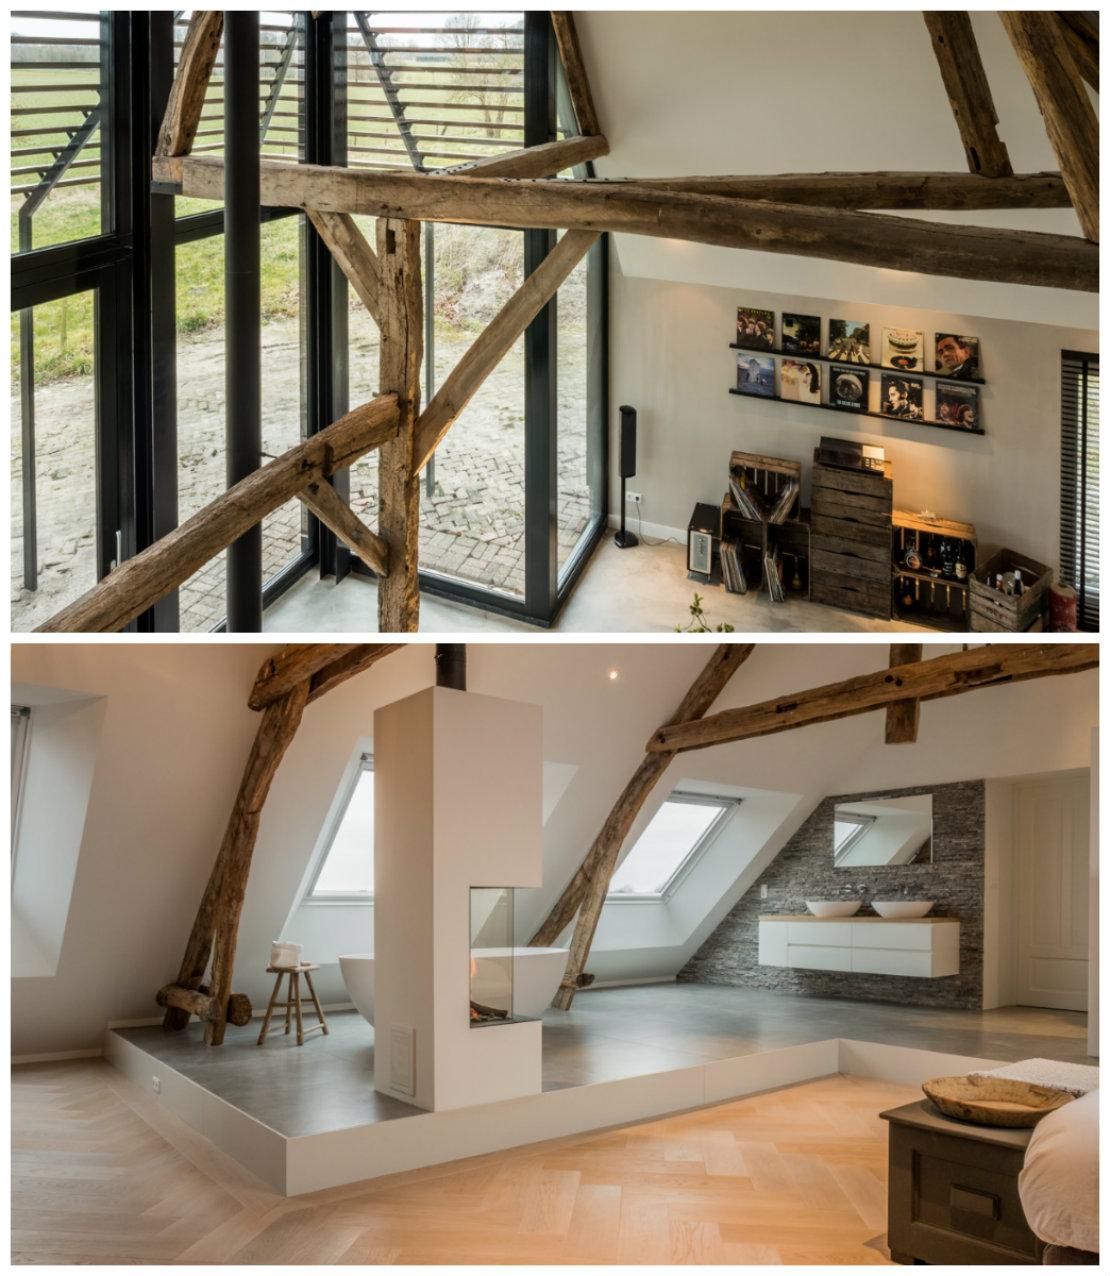 Casa renovada ventanales y puntos de luz